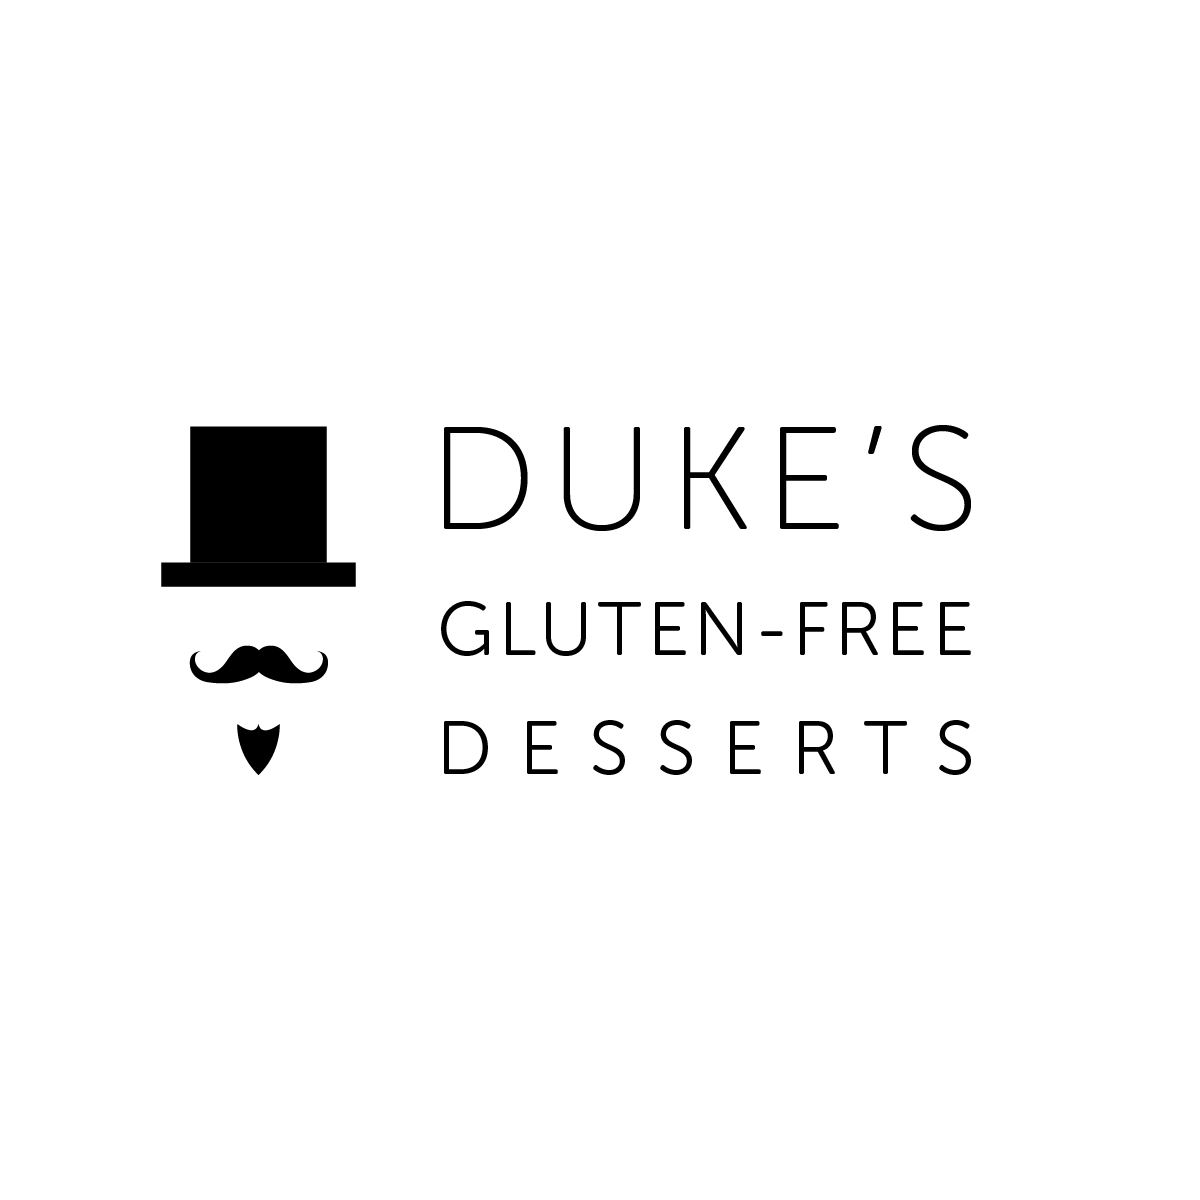 Duke's Gluten-Free Desserts Logo